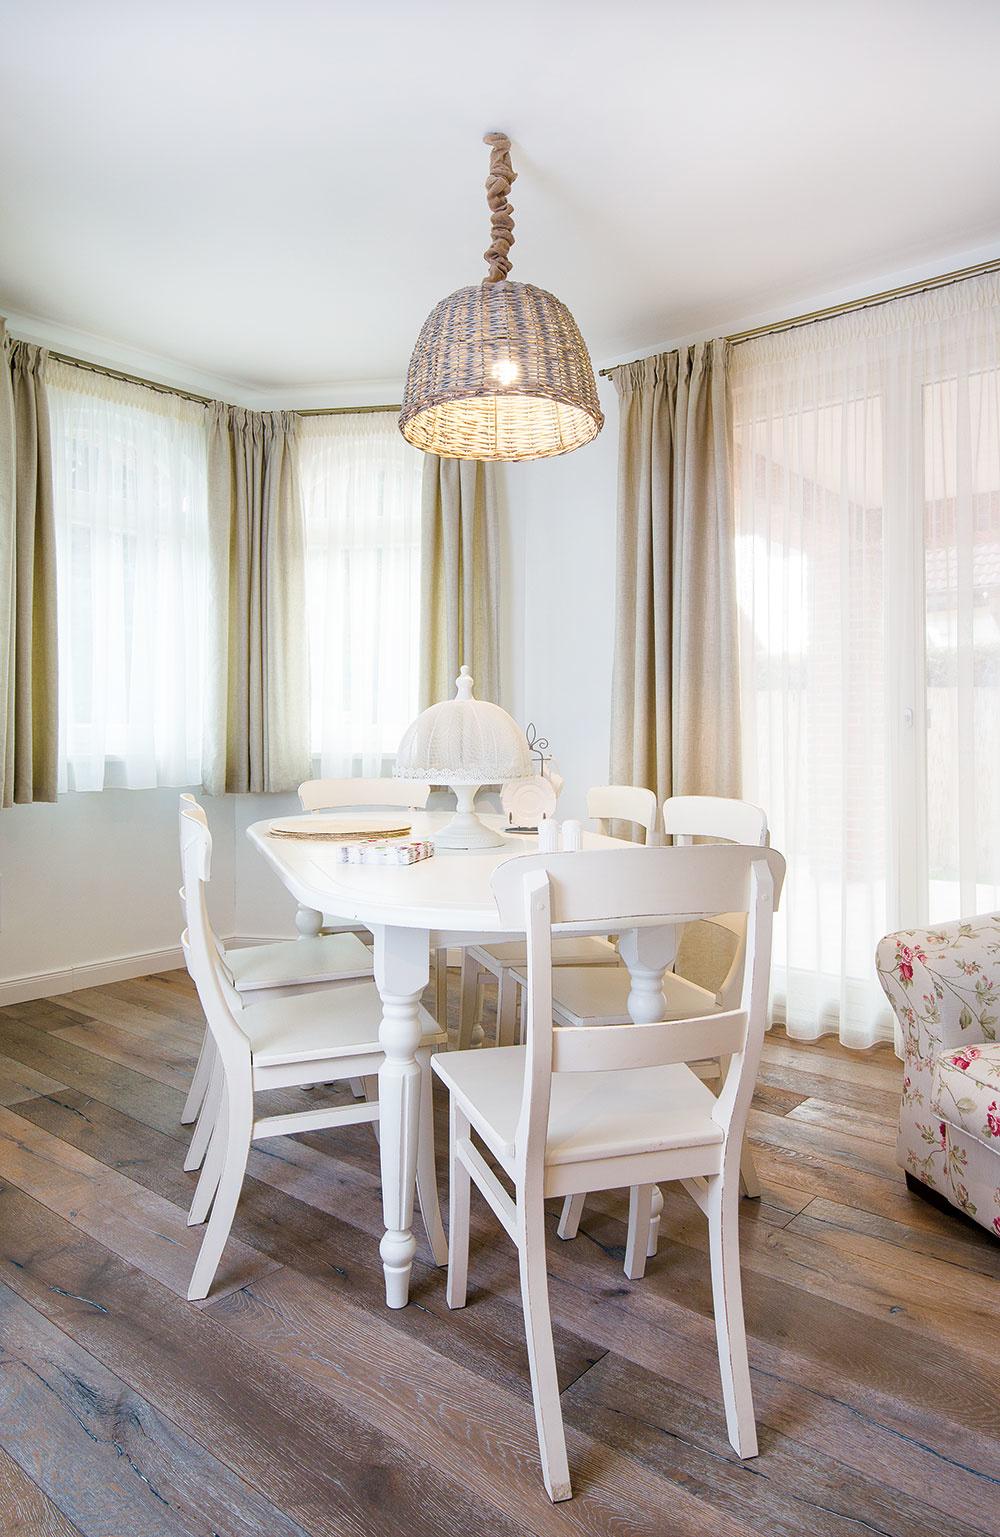 PRESVETLENÁ JEDÁLEŇ s masívnym stolom priam nabáda k tomu, aby ste sa usadili a vychutnali si veľkorysé stolovanie, ako sa patrí. Záclony a závesy sú v celom dome šité na mieru, aby ladili so zvyšným zariadením.